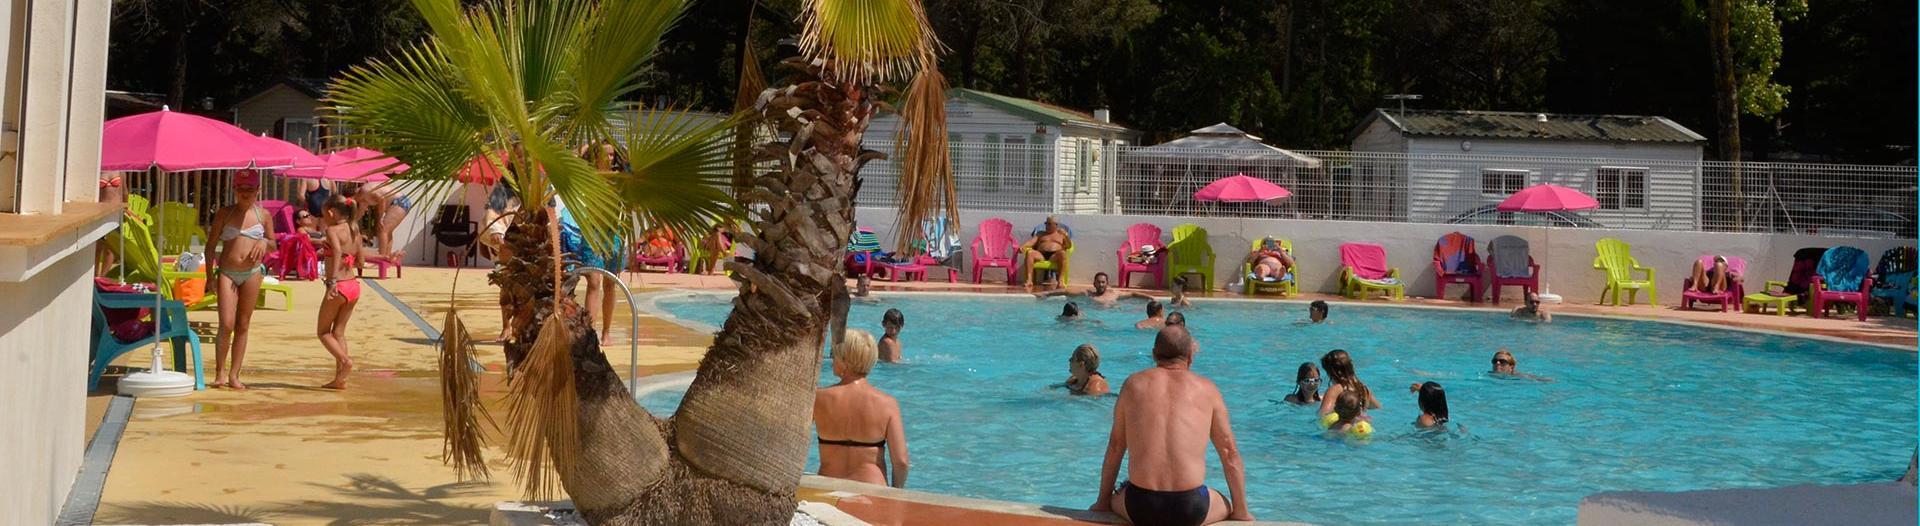 slider-camping-maiana-piscine